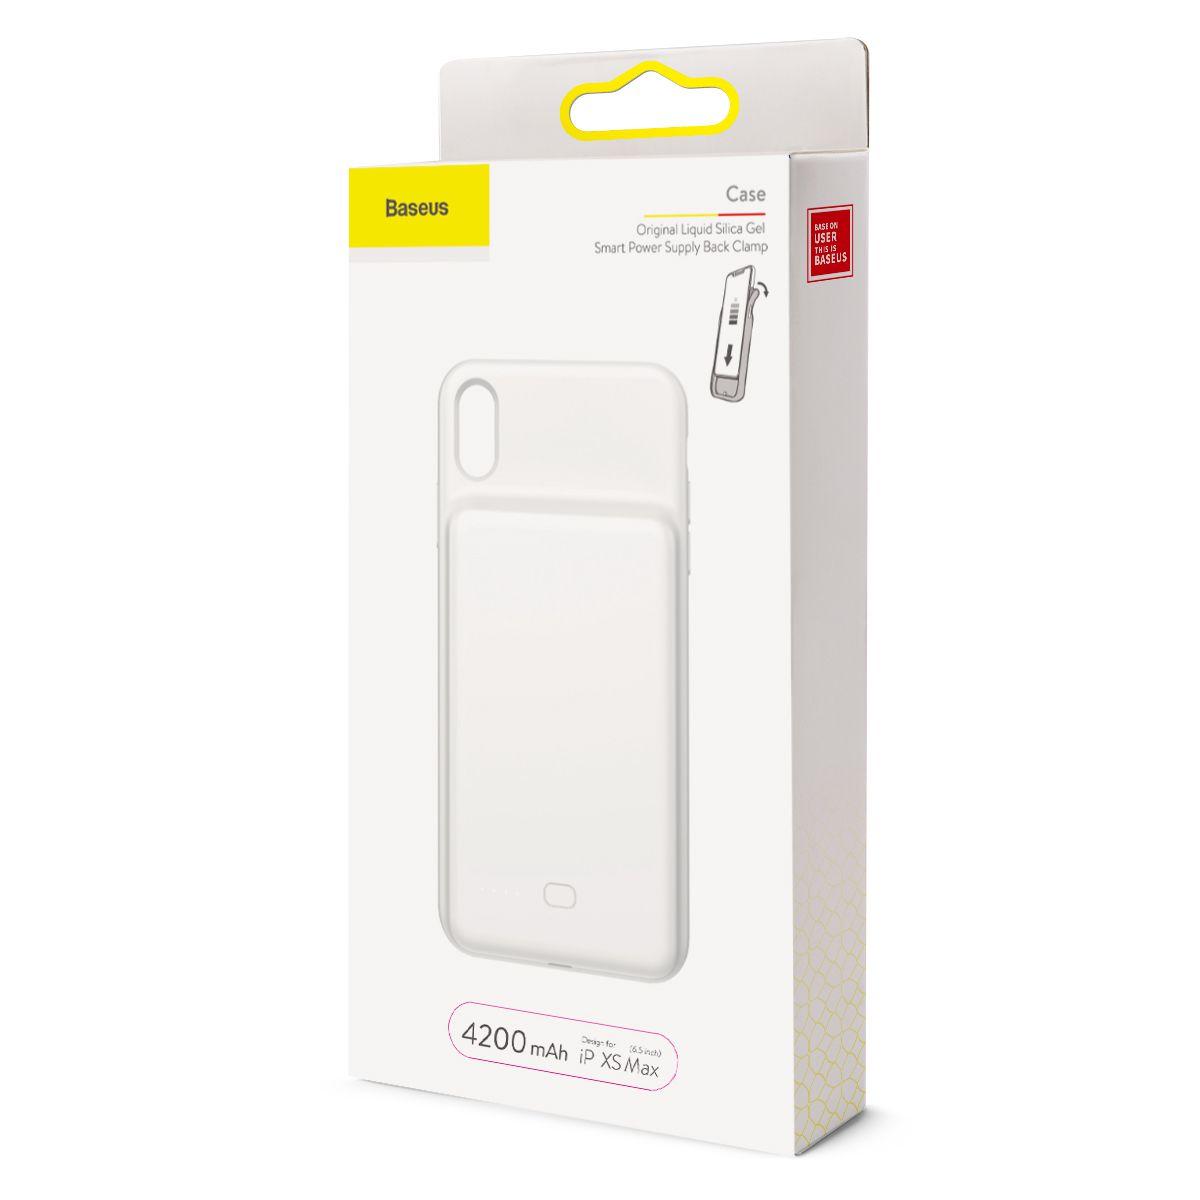 Capa Carregadora Baseus para iPhone XS Max com 4200 mAh